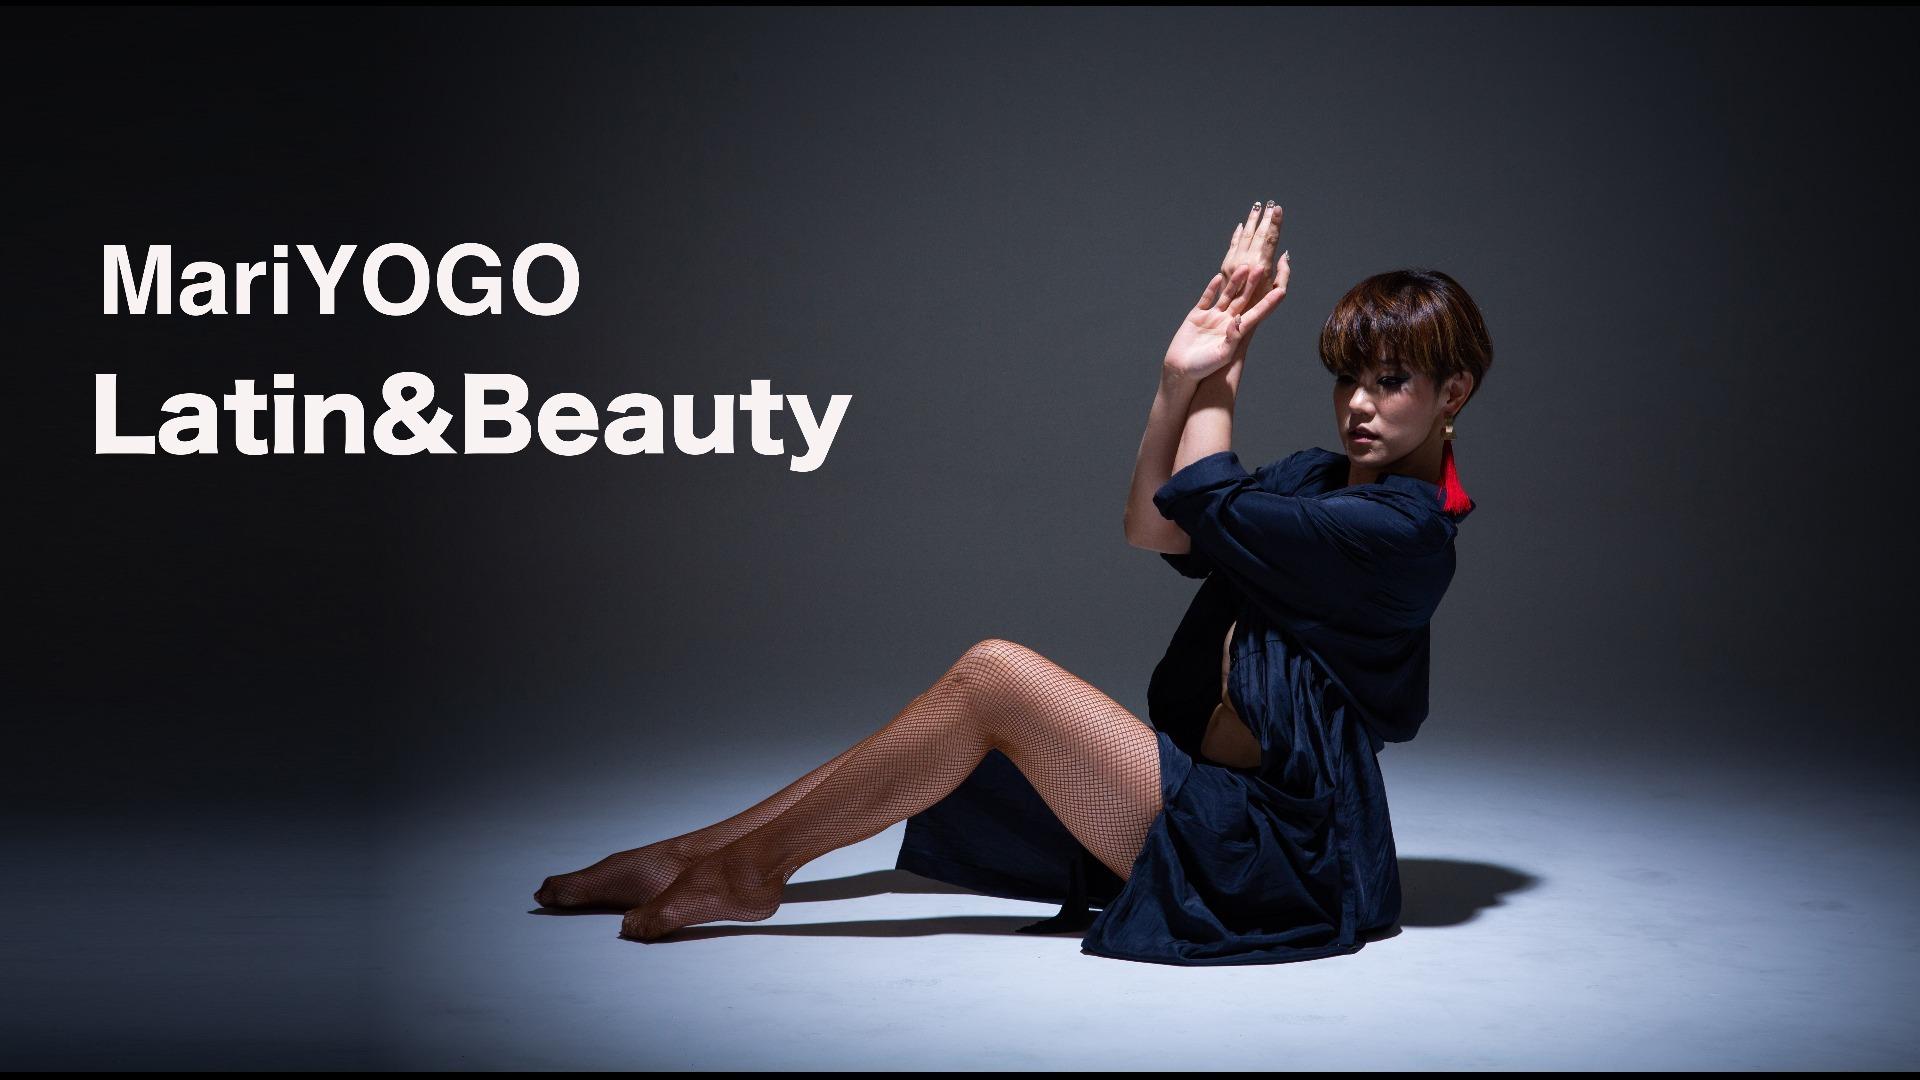 MariYOGO - MariYOGO Latin&Beauty~身も心もラテンに生きる!~ - DMM オンラインサロン